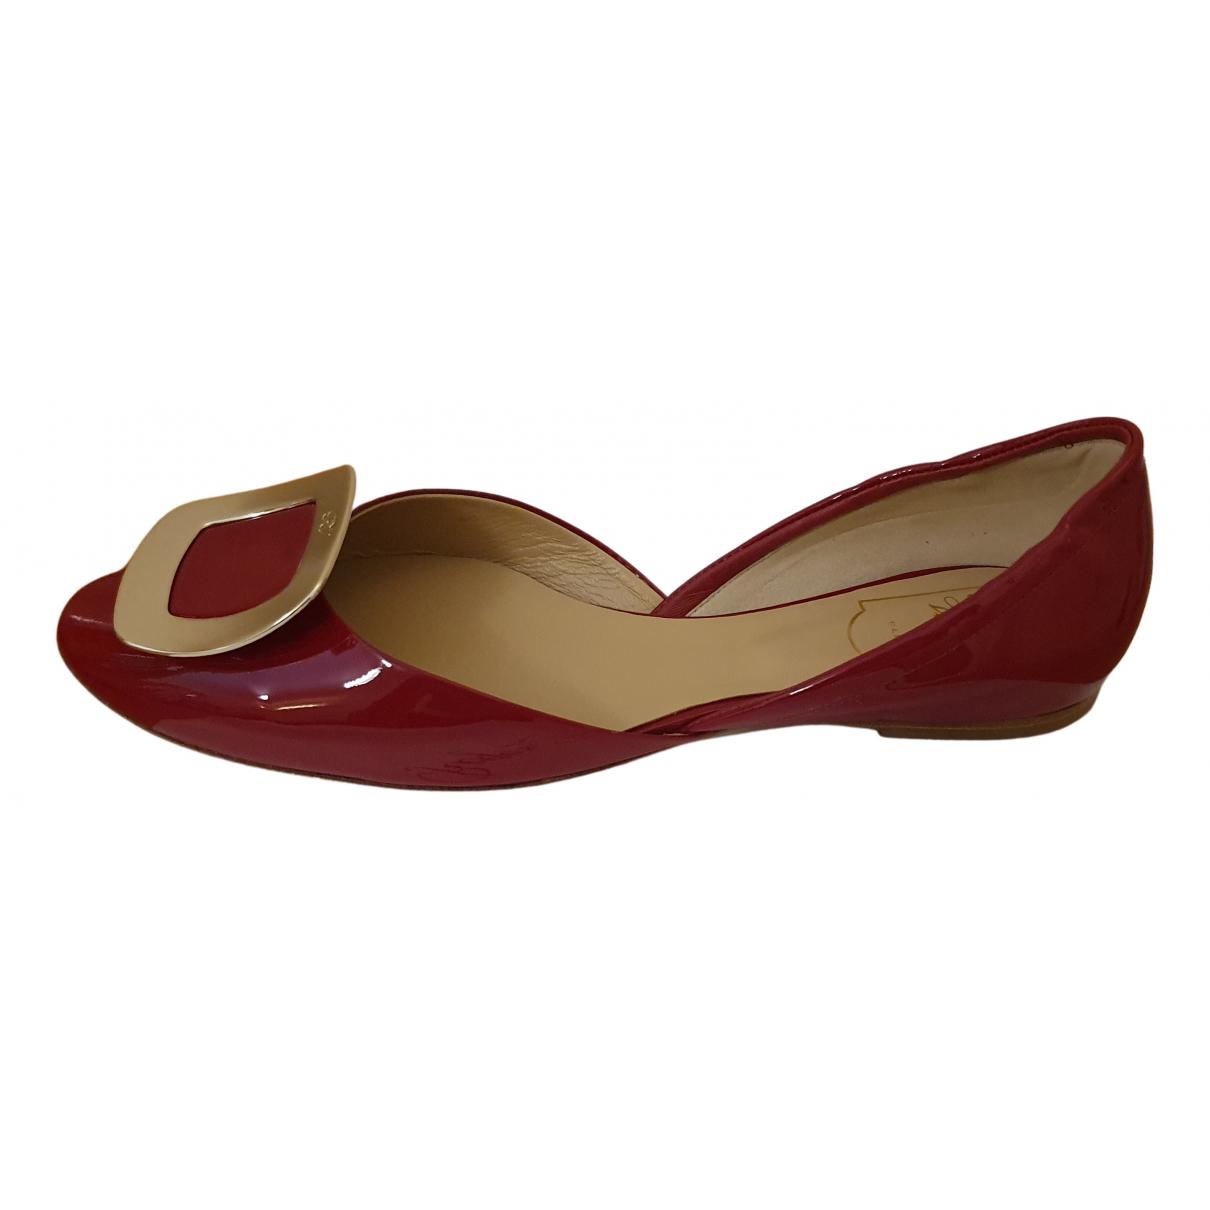 Roger Vivier - Ballerines   pour femme en cuir verni - rouge